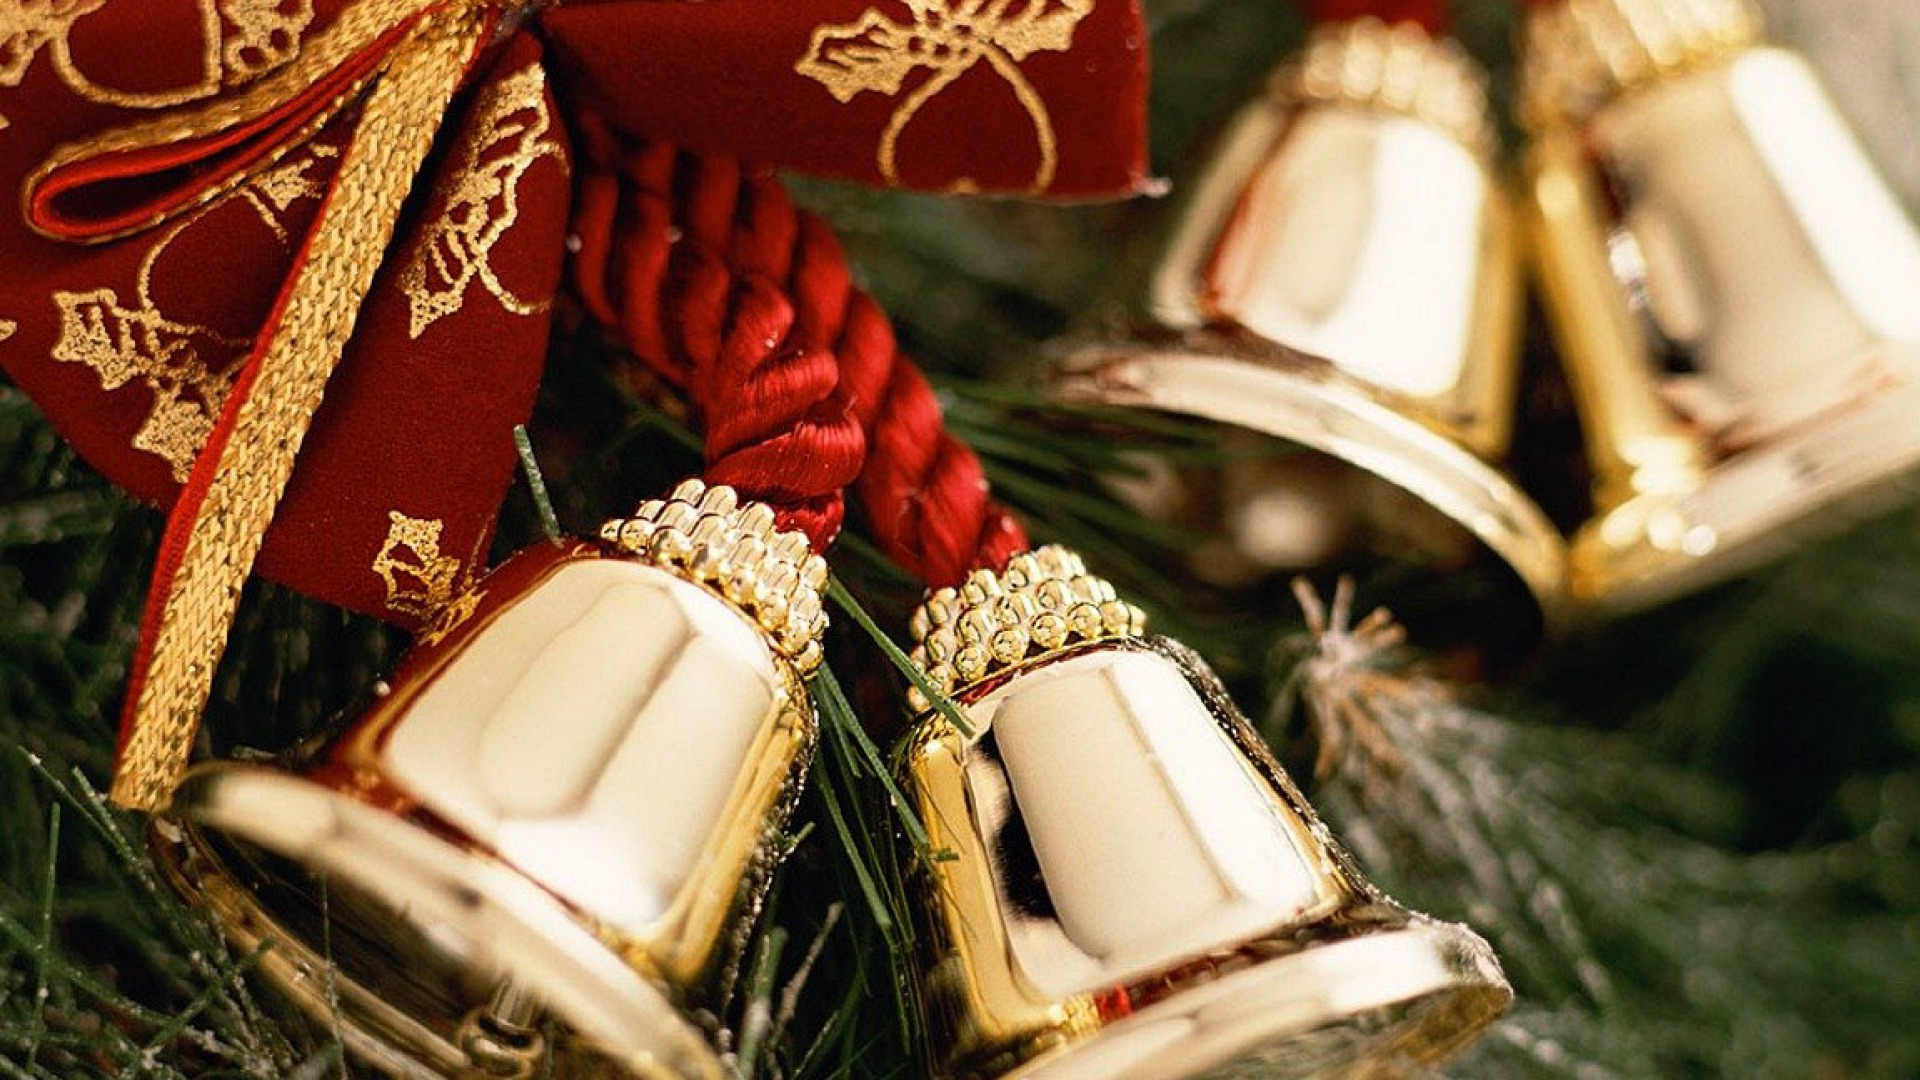 Bộ Sưu Tập Ảnh Giáng Sinh - Page 3 Christmasbells240